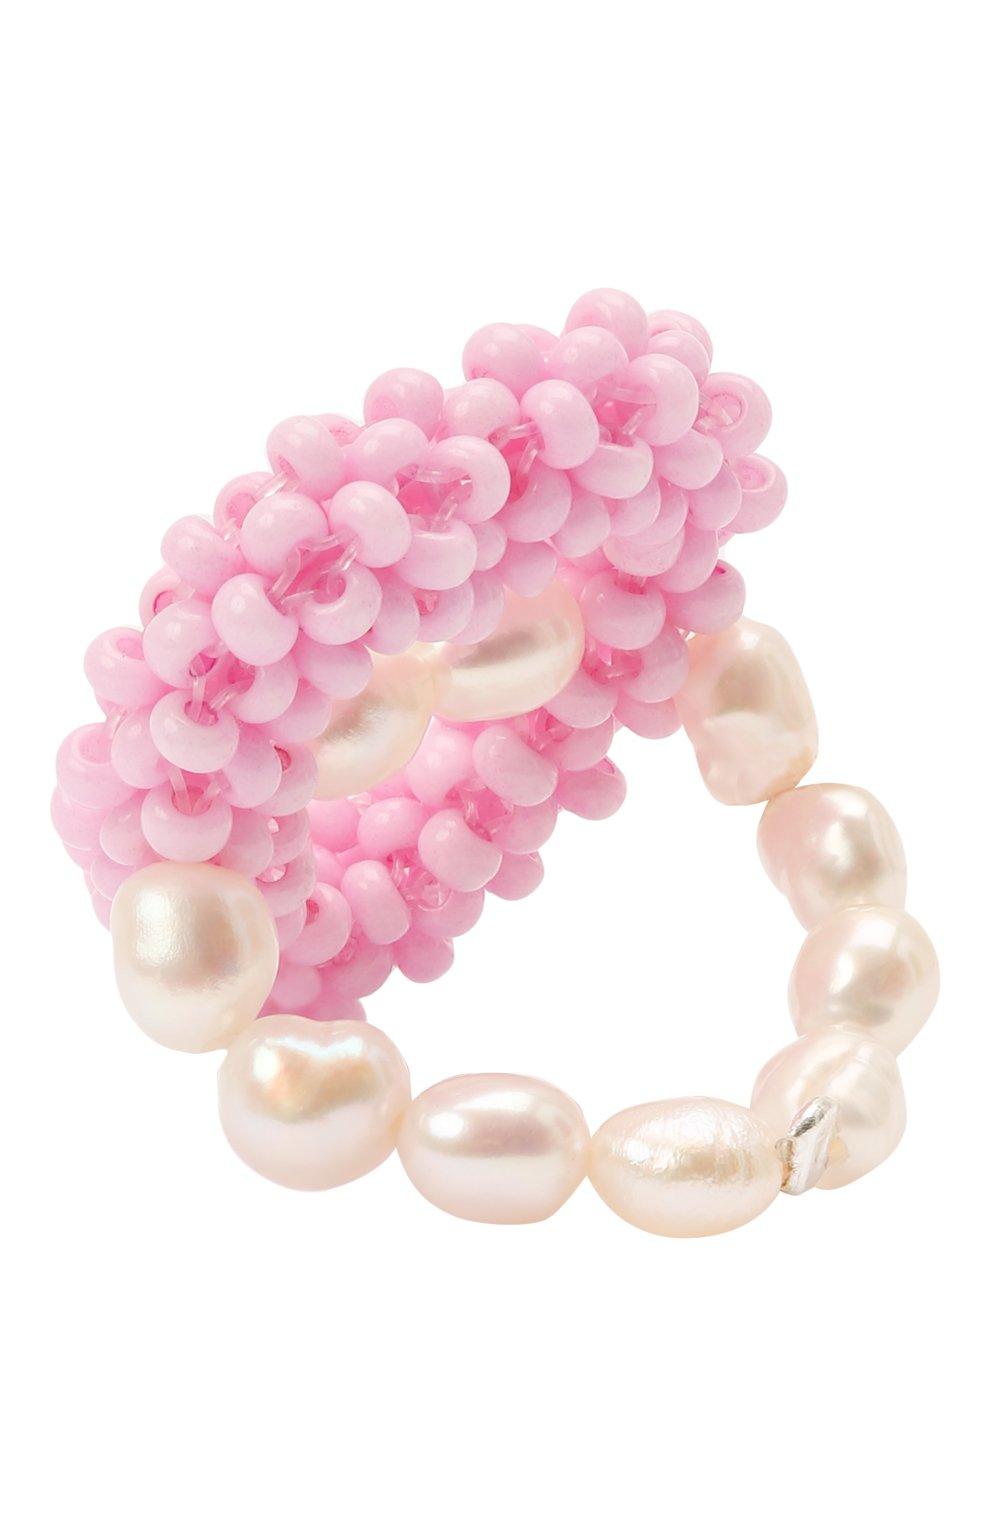 Женское кольцо розовое сердце HIAYNDERFYT розового цвета, арт. 1-1PEMPTYHT   Фото 3 (Материал: Стекло, Пластик)